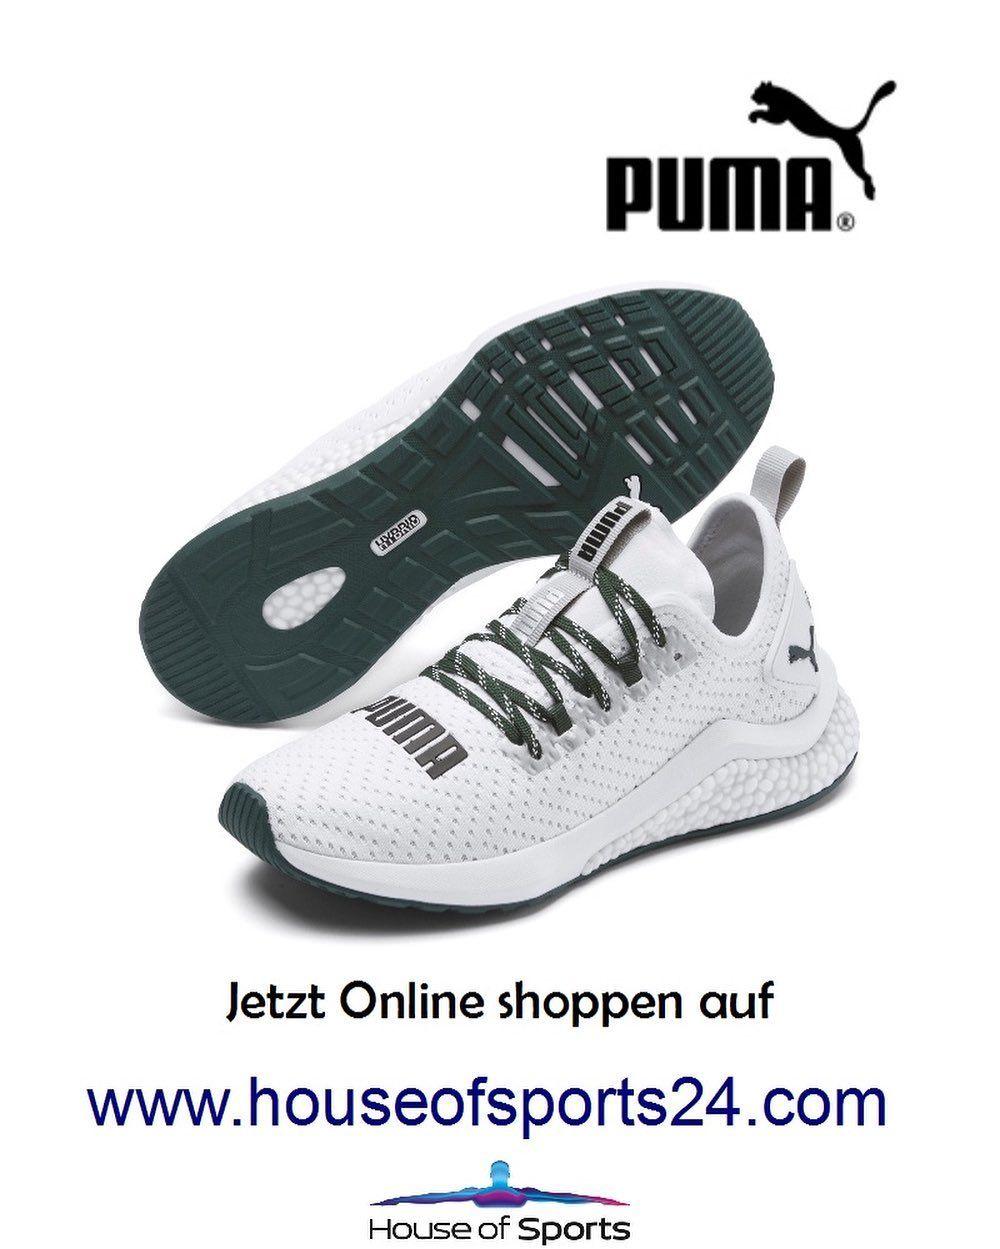 #houseofsports24.com #puma #sport #fitness #sneaker #fashion #mode #gy...